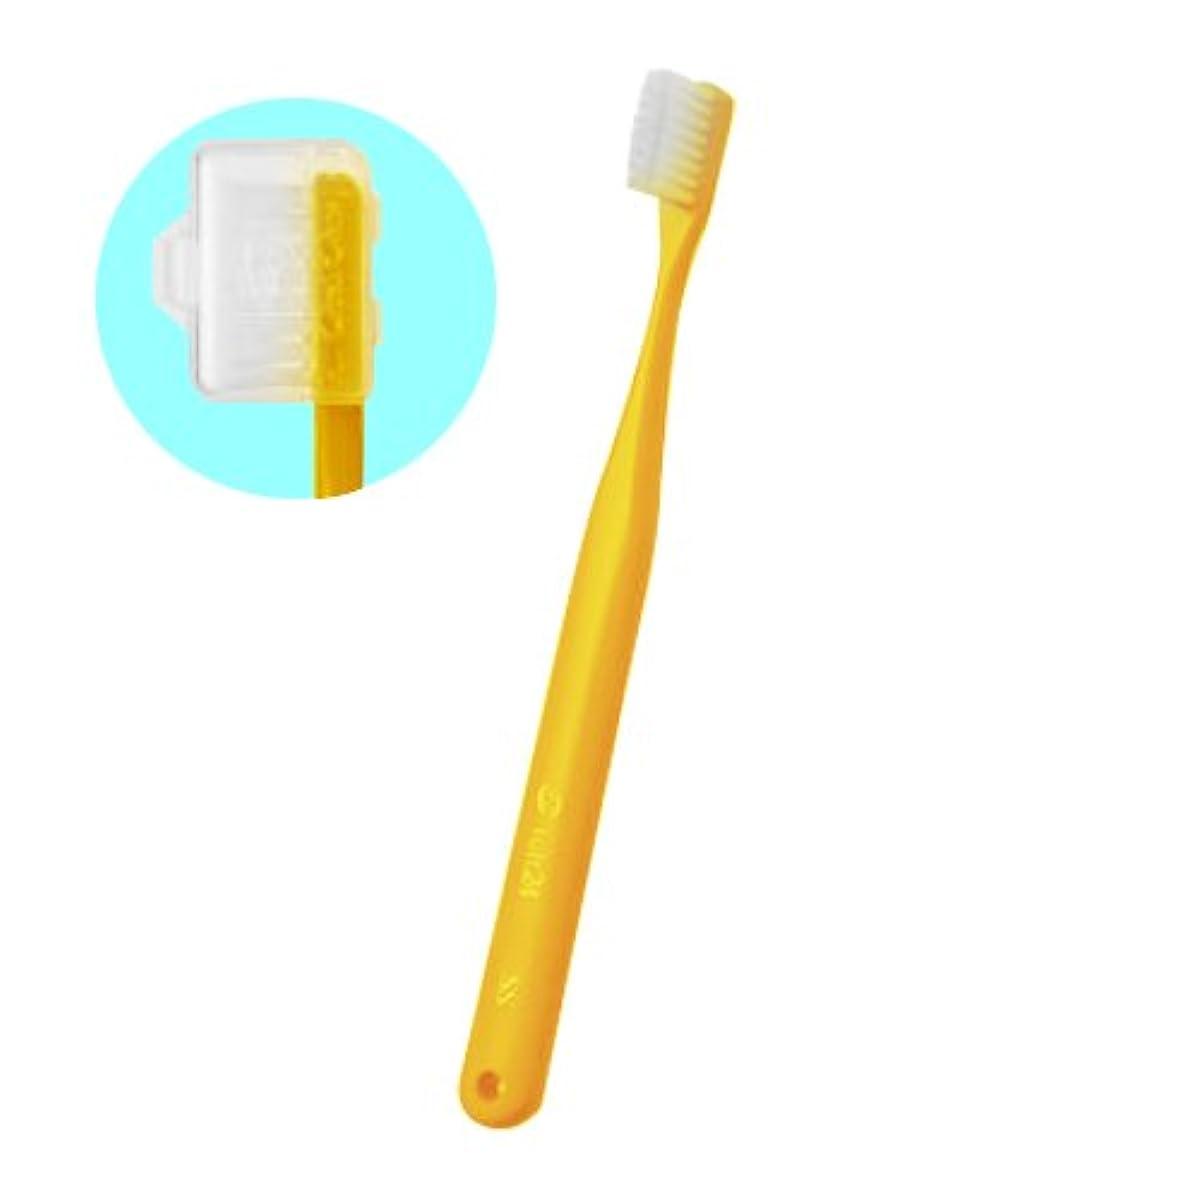 オーラルケア キャップ付き タフト 24 歯ブラシ エクストラスーパーソフト 1本 (イエロー)